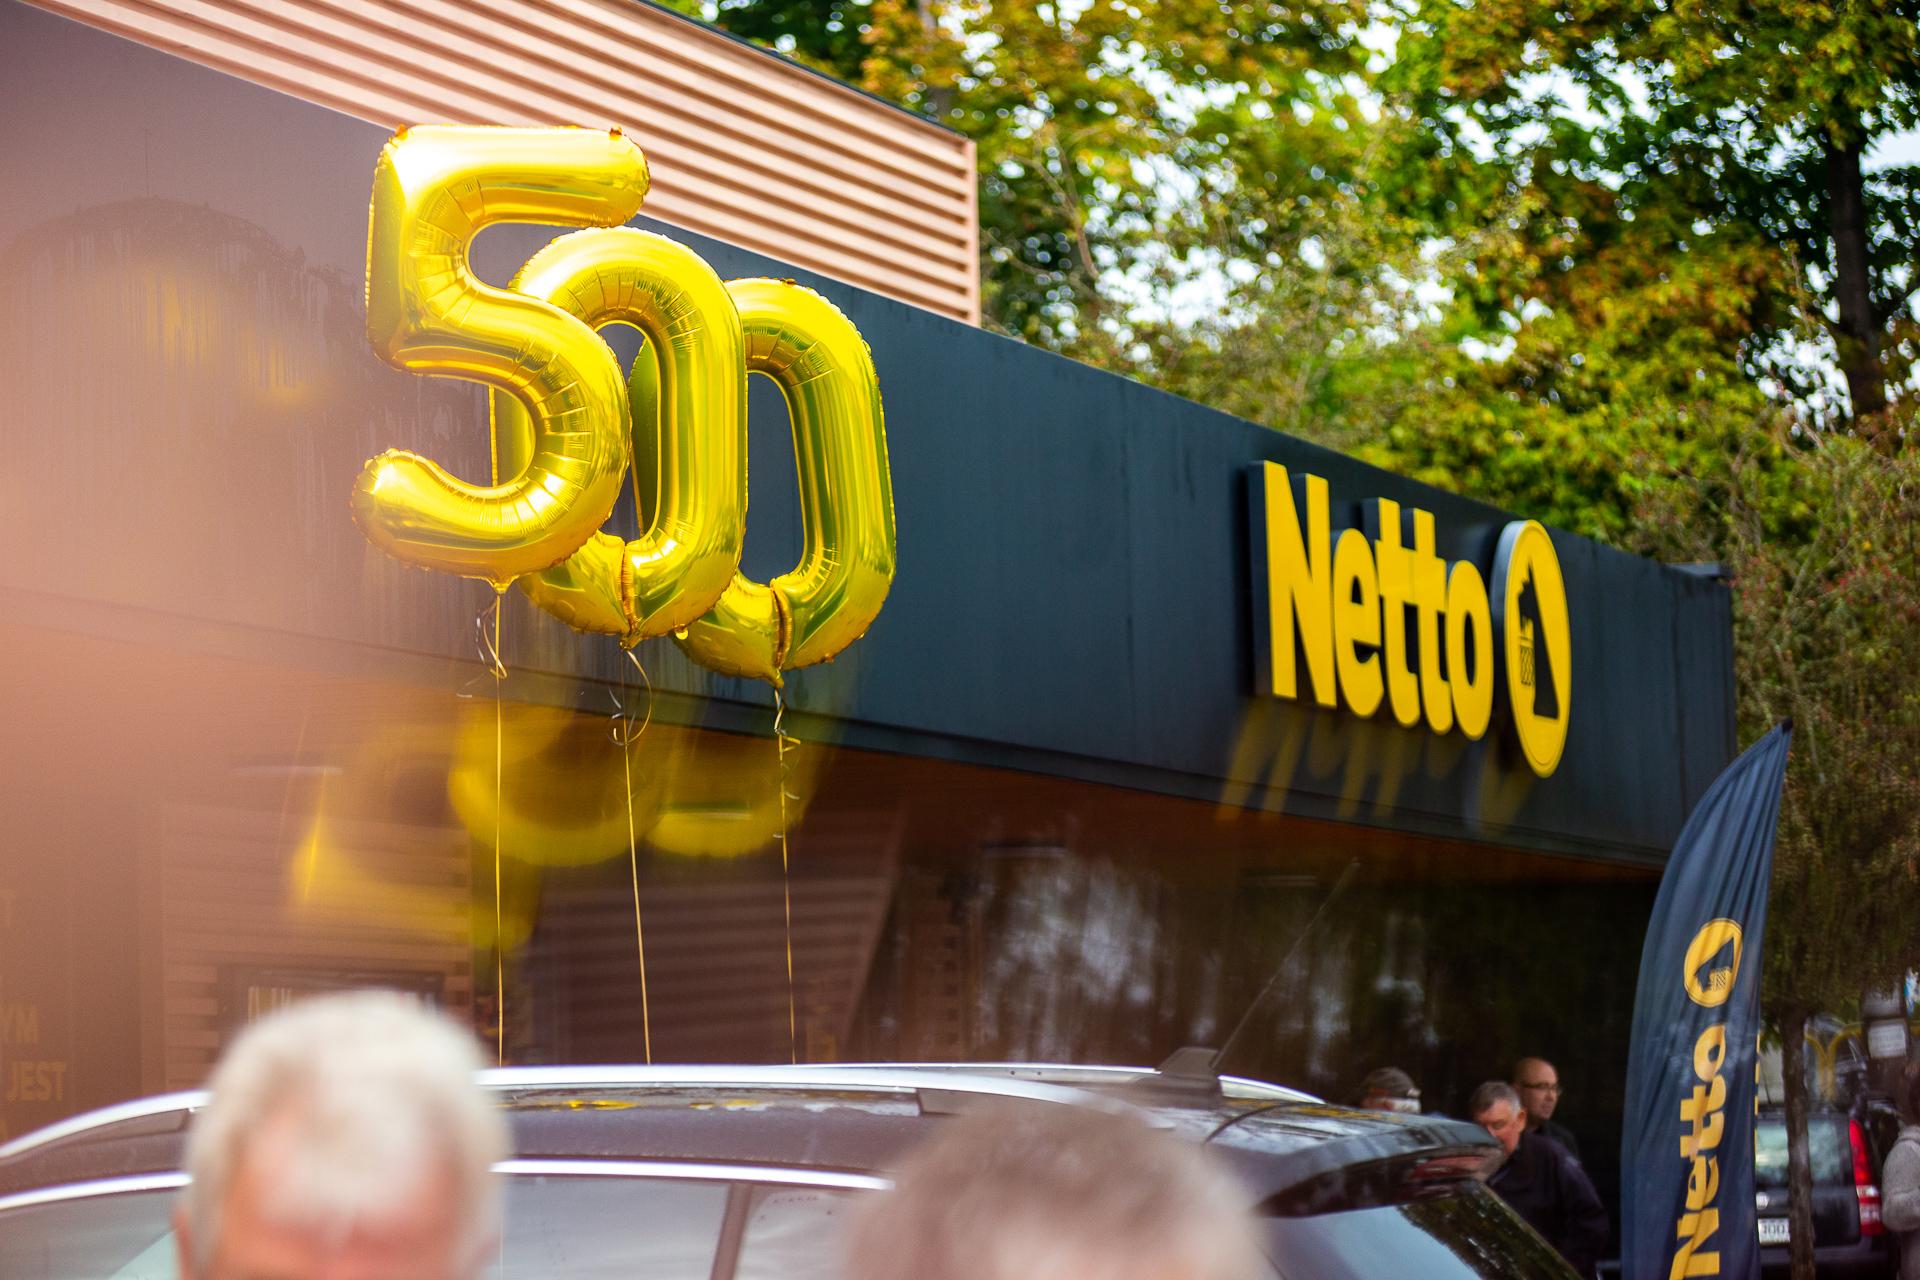 500 sklepów Netto w Polsce